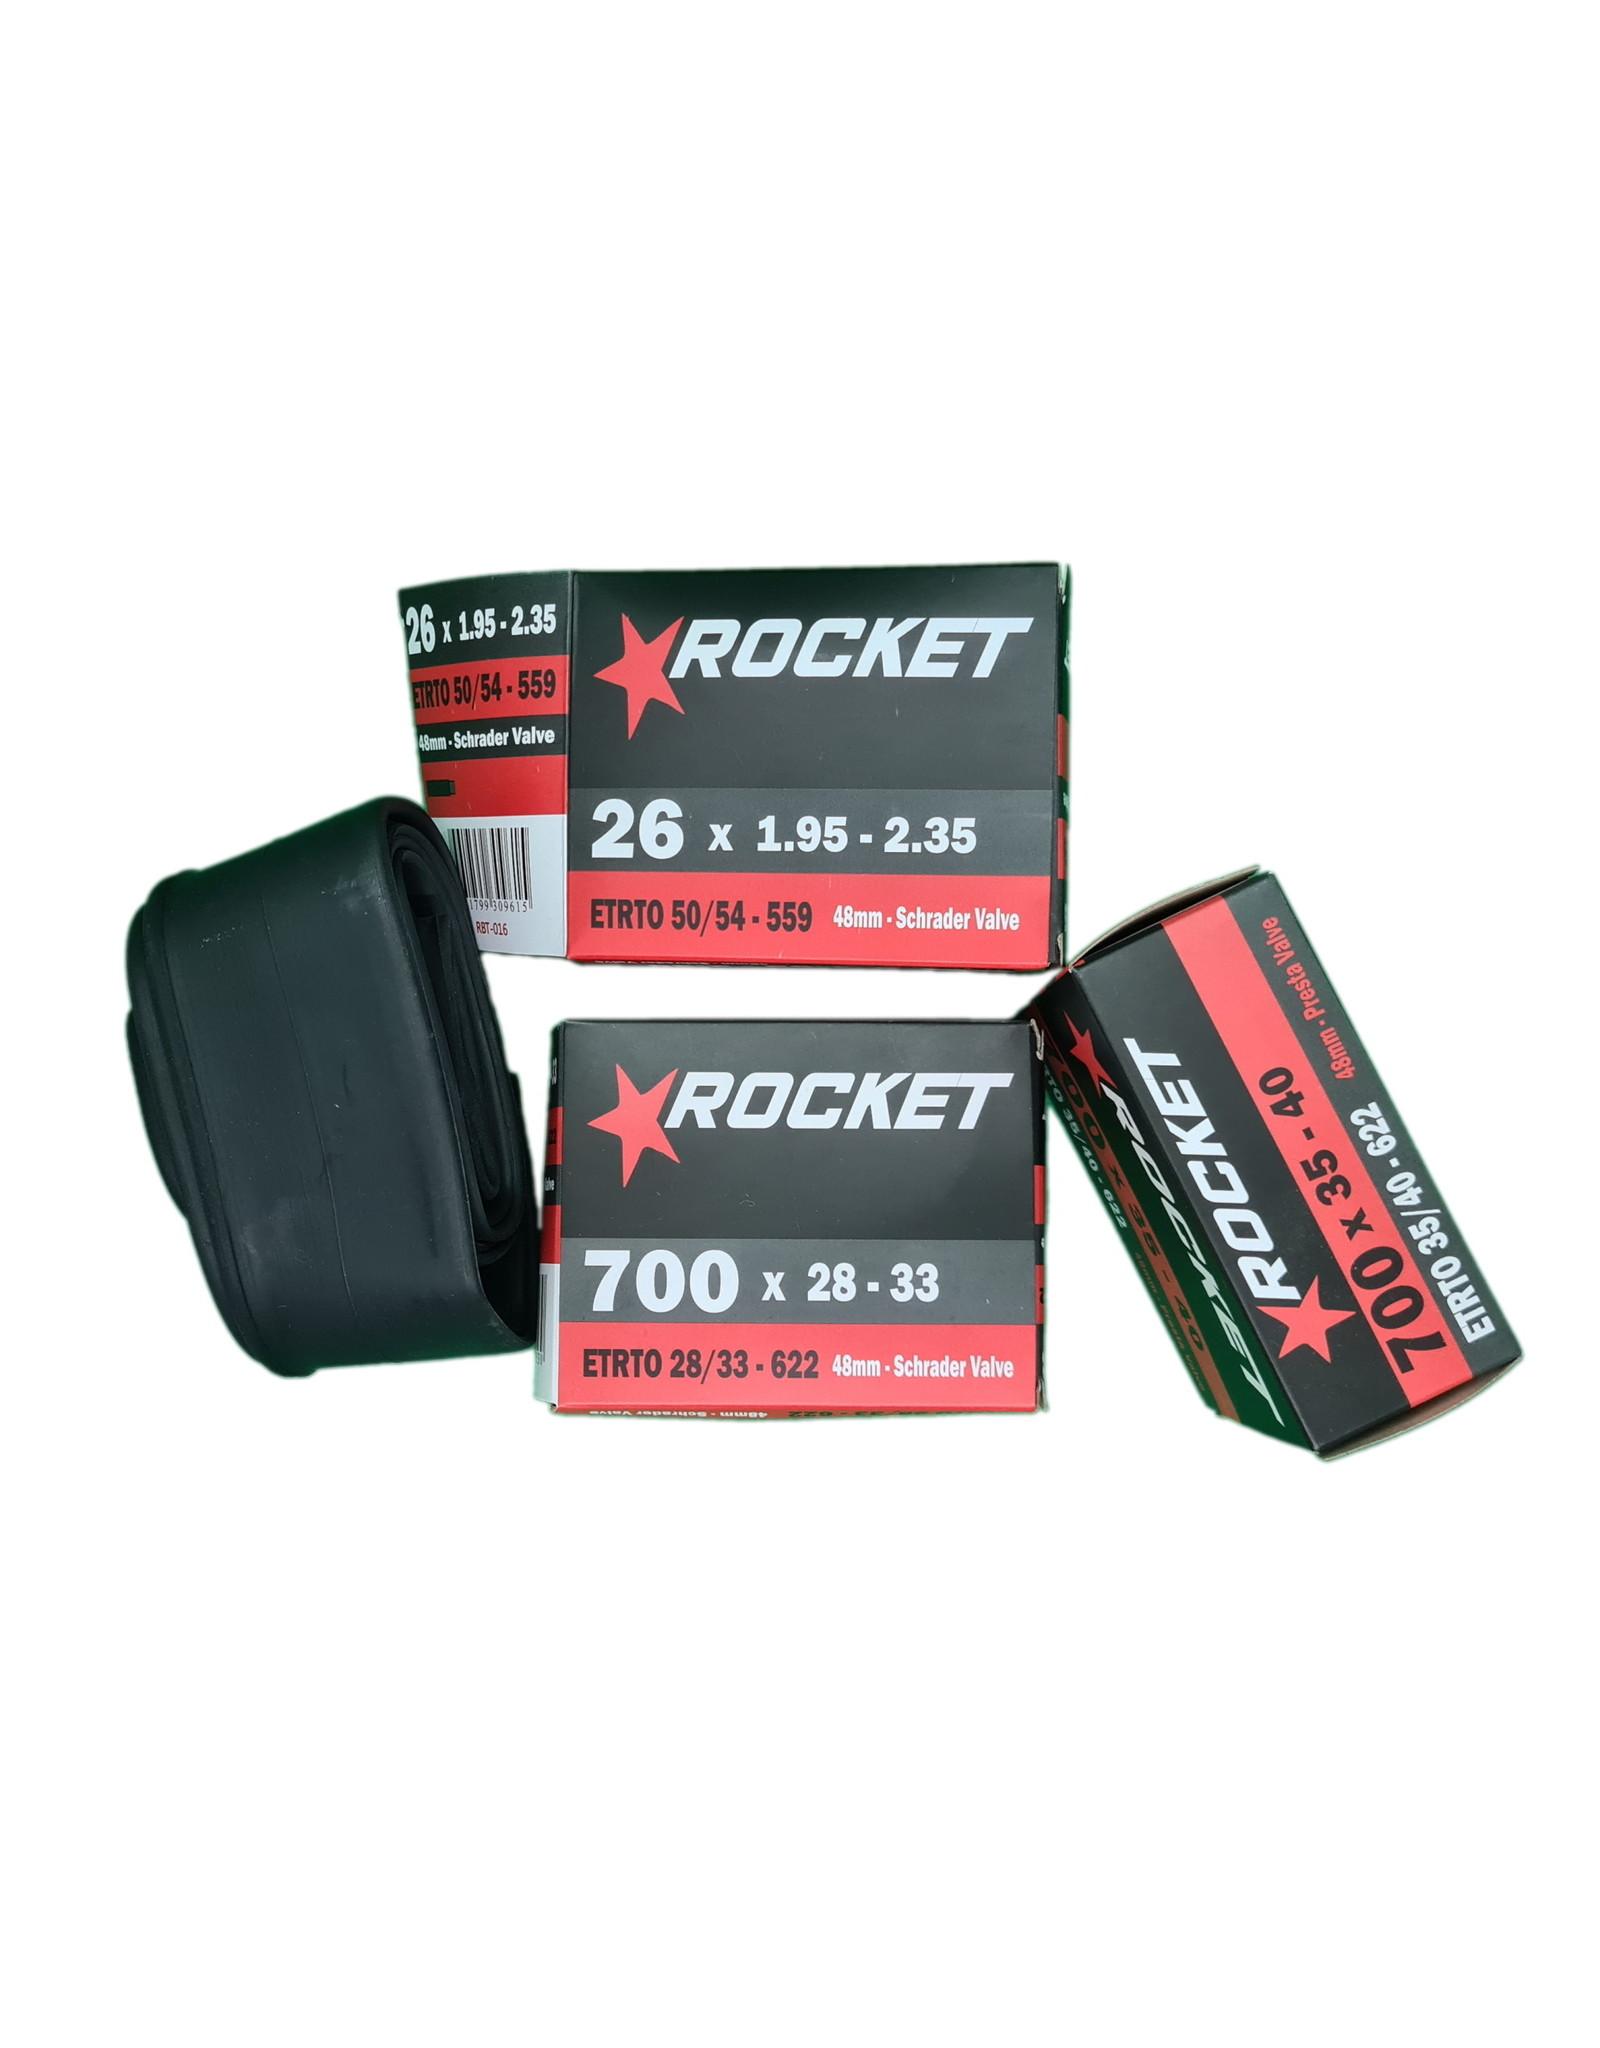 Rocket Tube 27.5' x 1.95-2.35 Schrader Valve